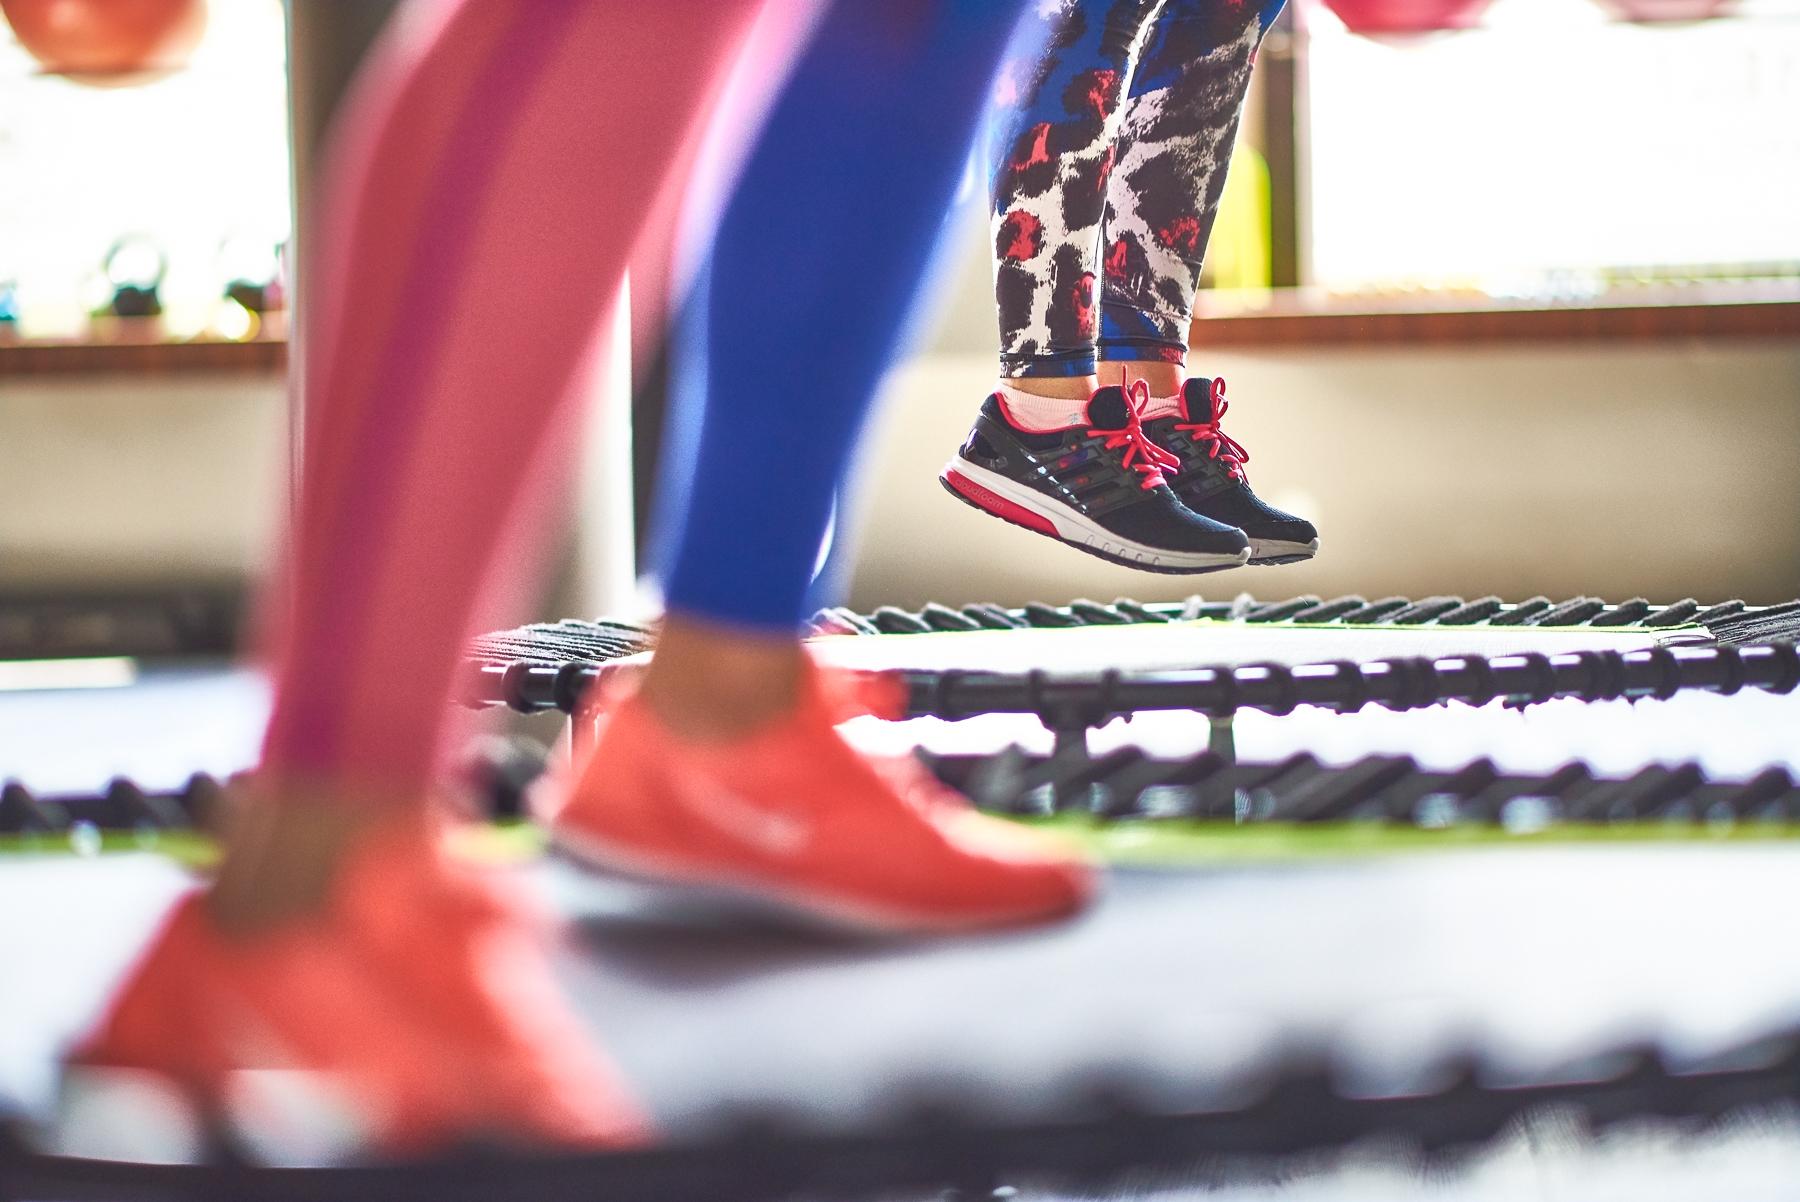 Ćwiczenia odchudzające na trampolinie » sunela.eu